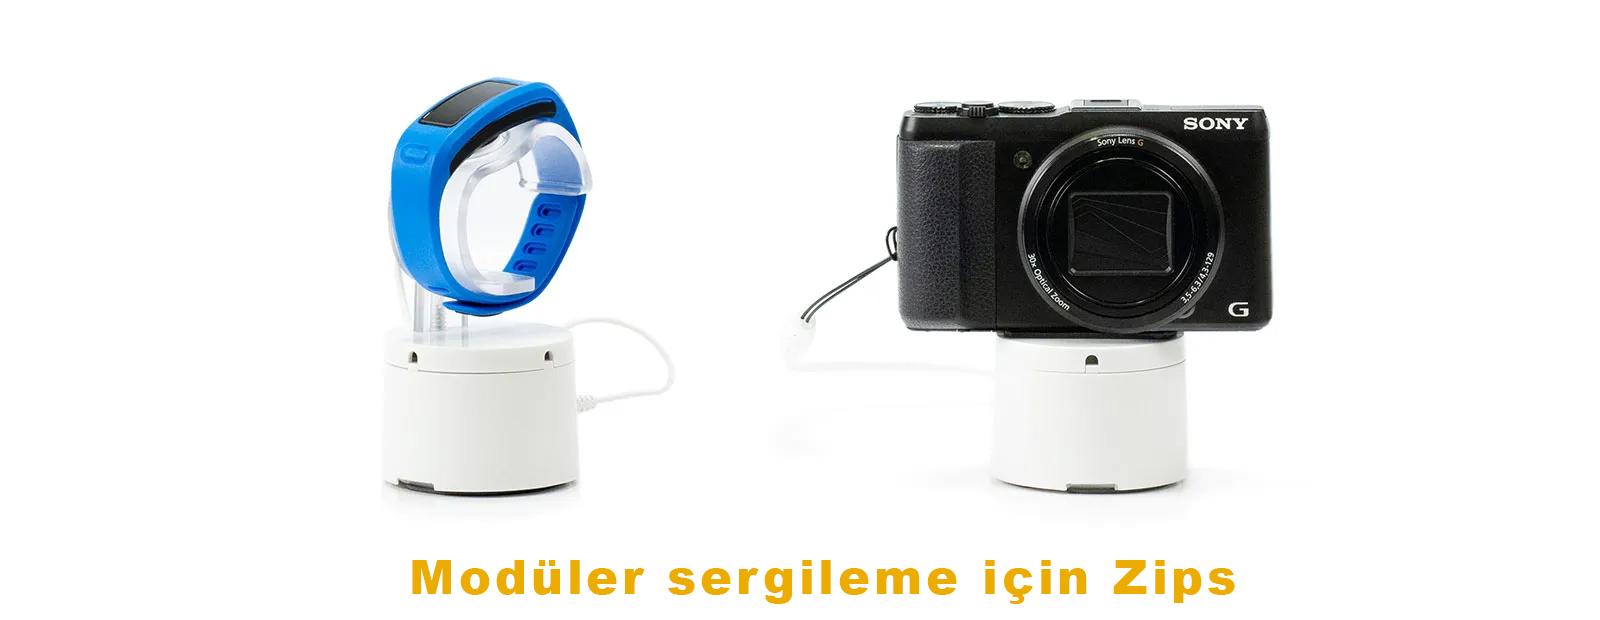 Zips-moduler-sergileme